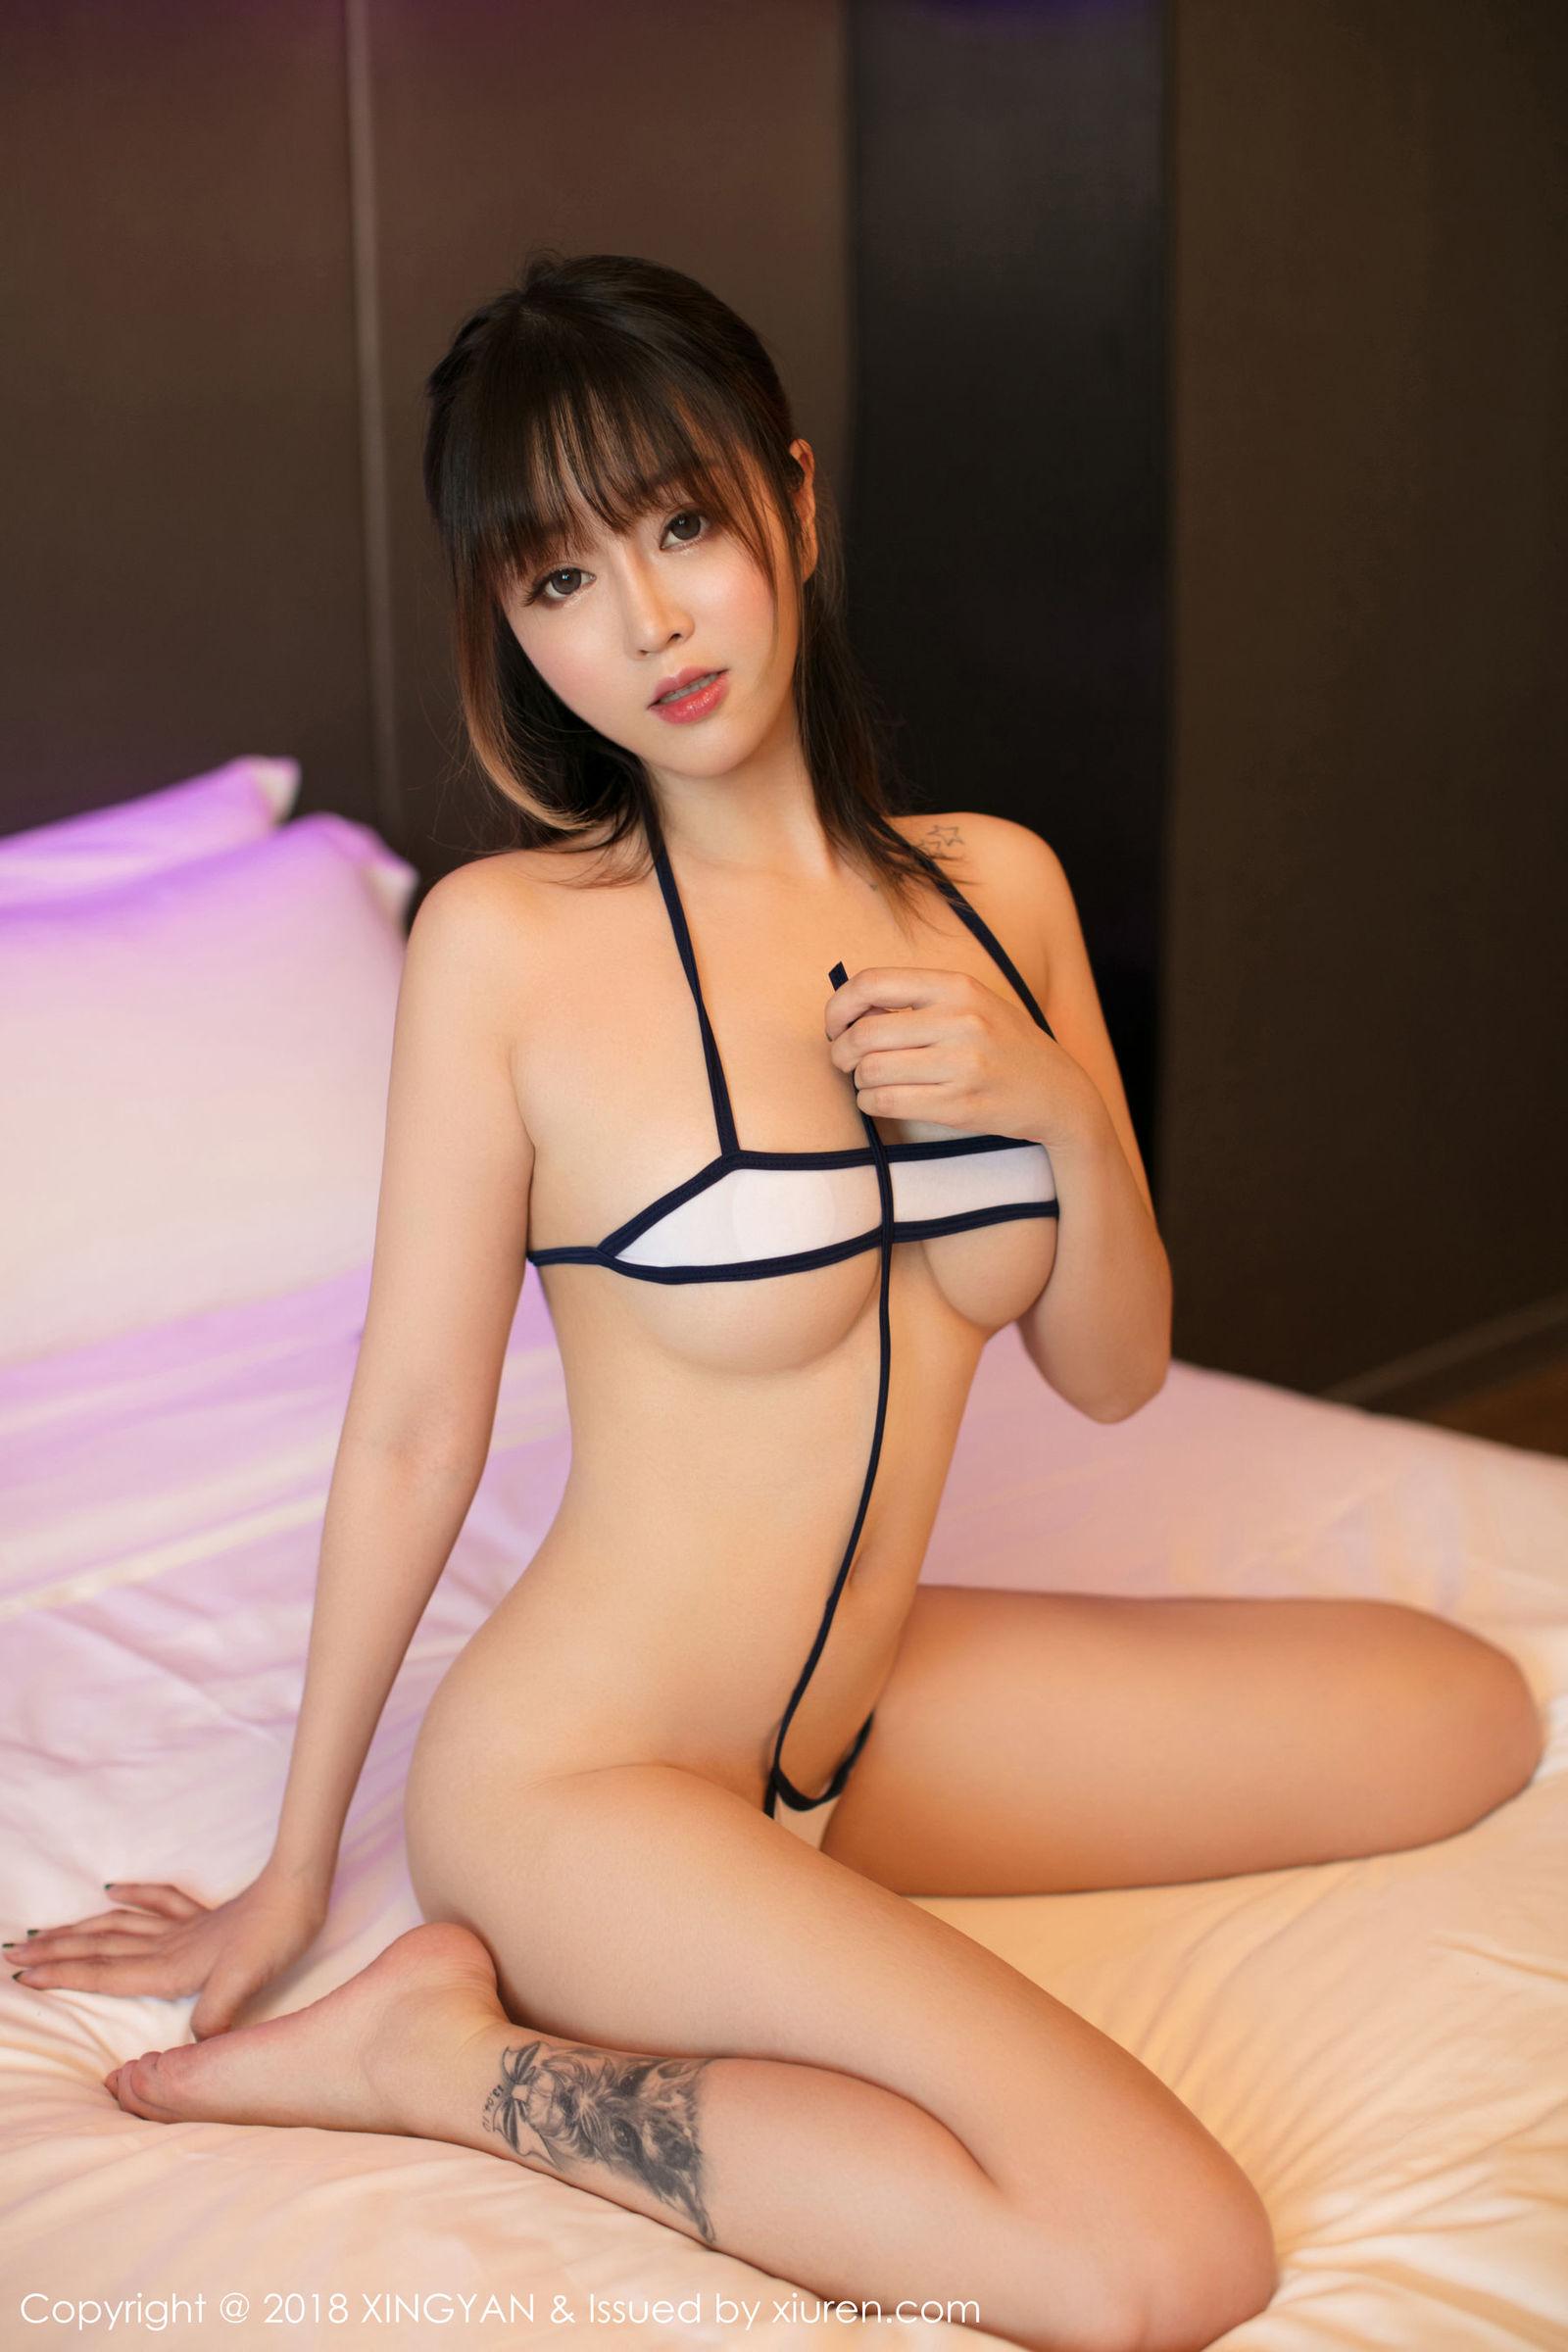 性感女神@王雨 纯蕾第二套写真